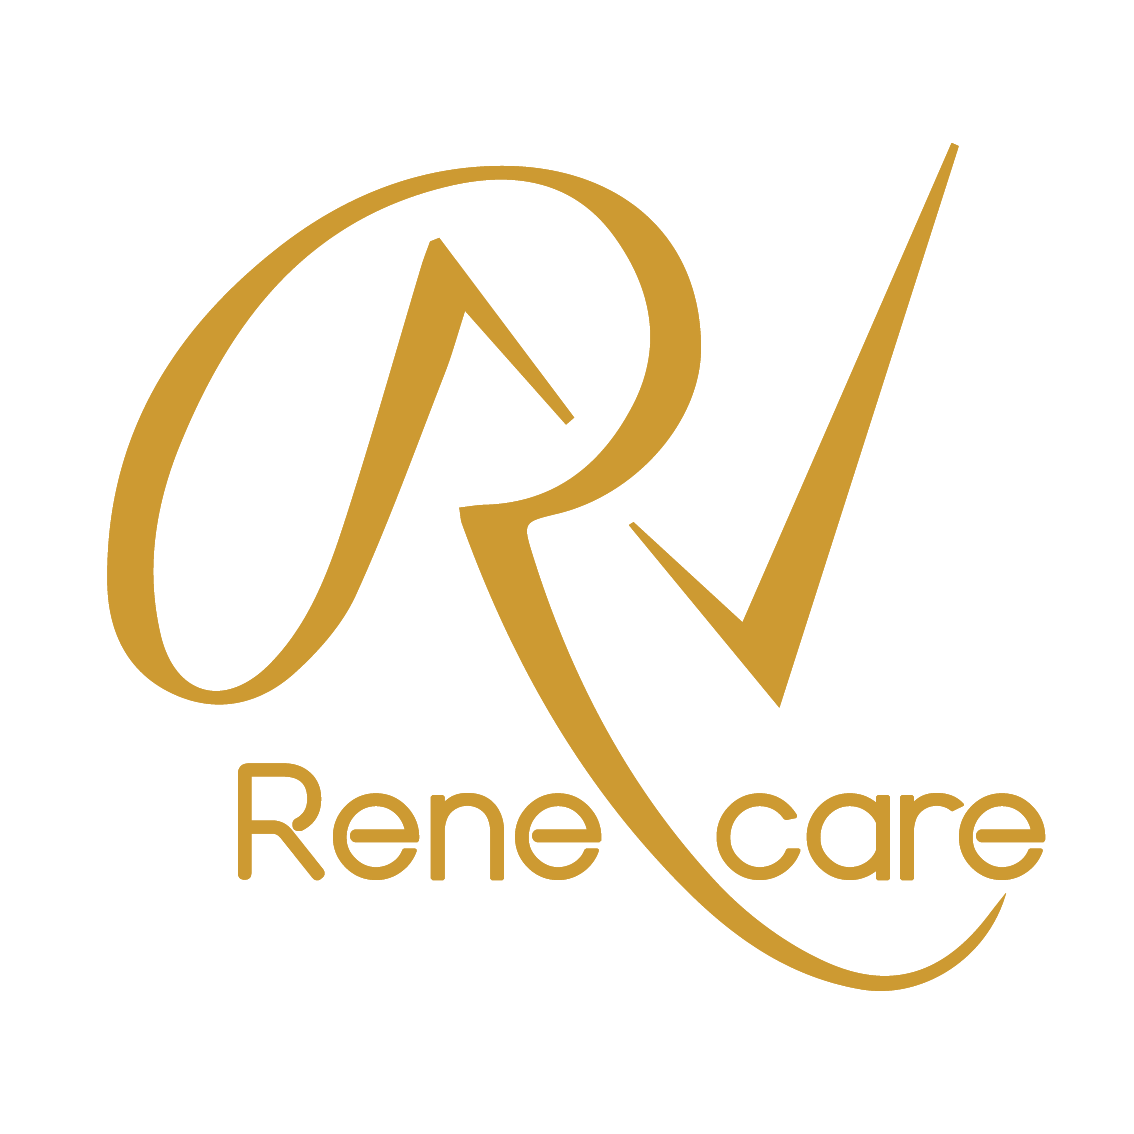 Rene Care – Thuơng hiệu dược mỹ phẩm từ Hoa Kỳ